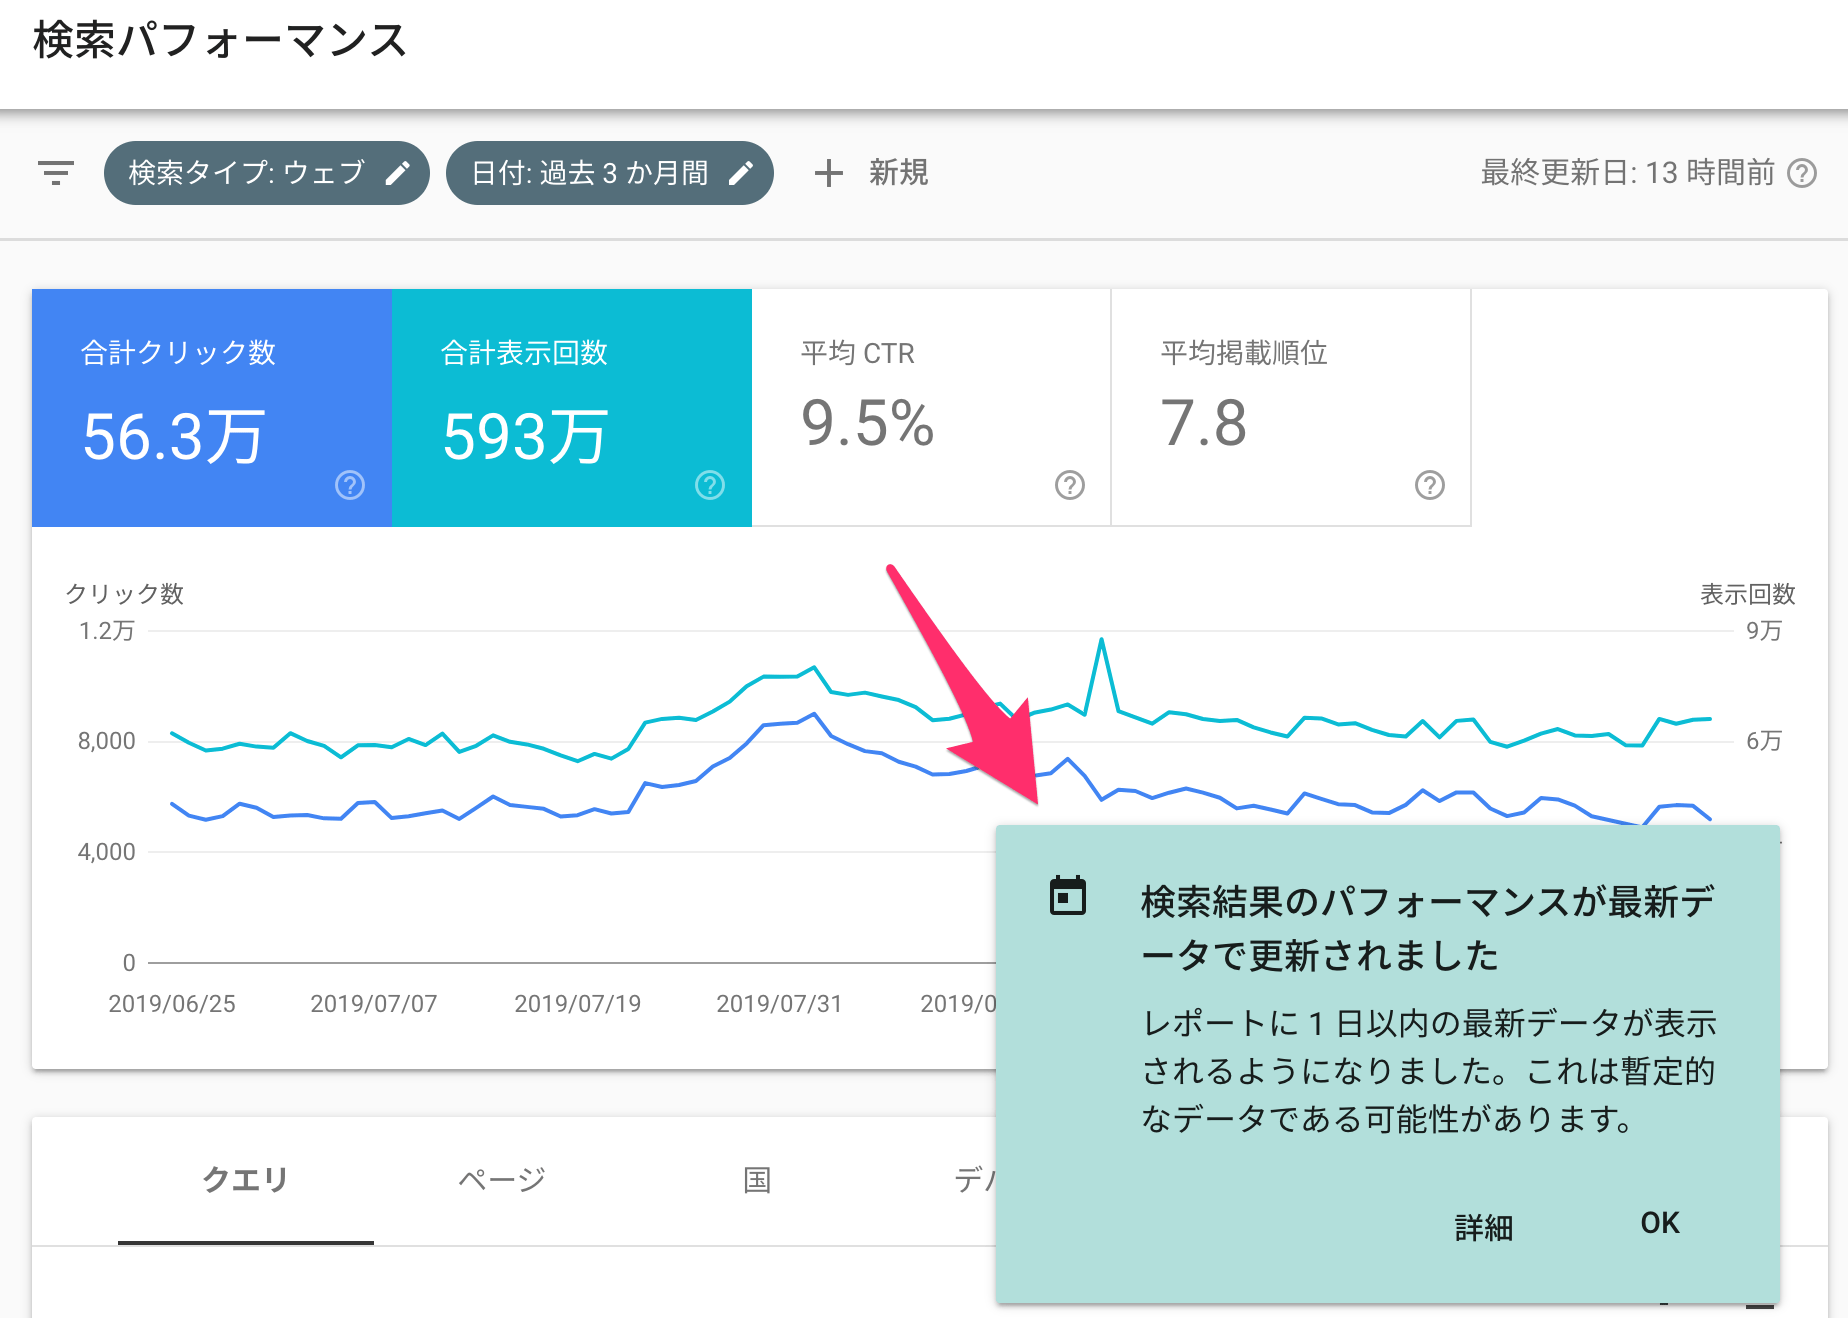 検索結果のパフォーマンスが最新データで更新されました